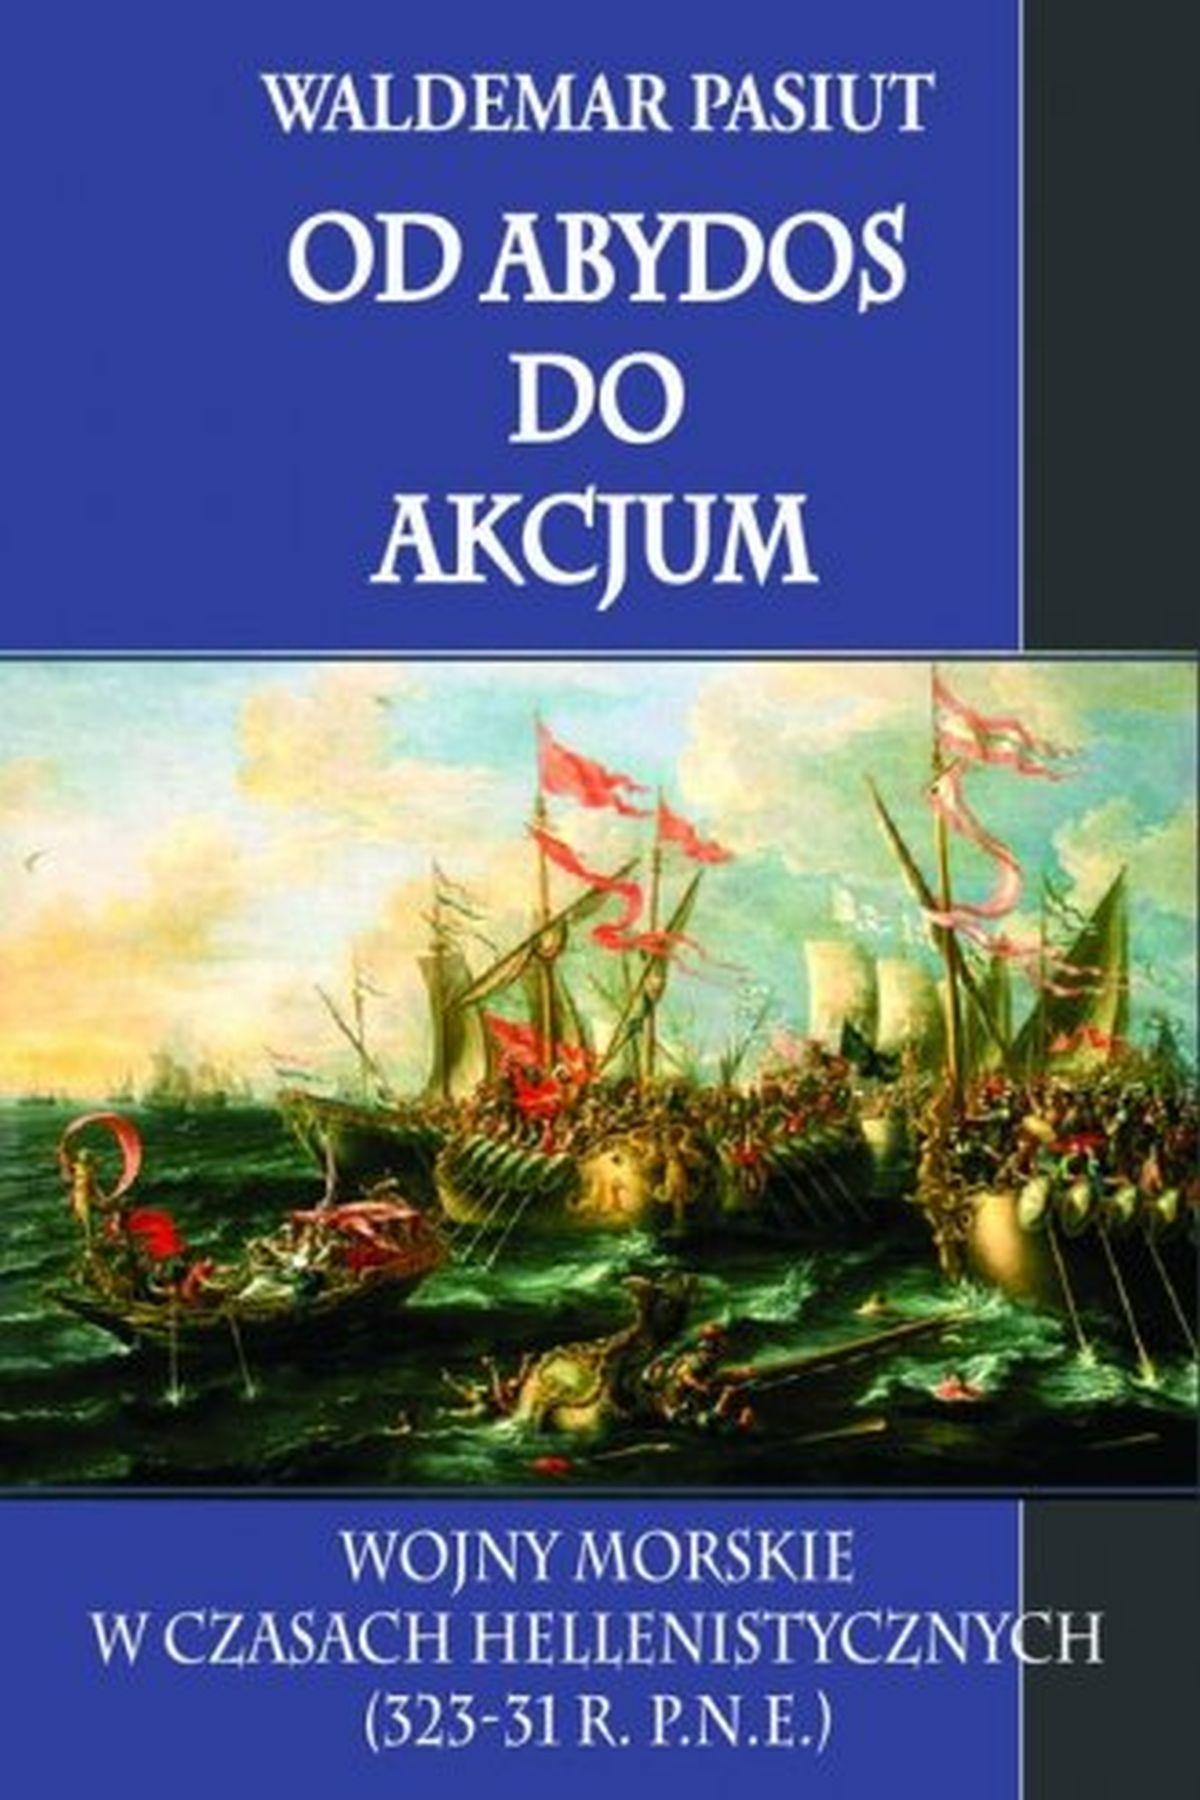 Od Abydos do Akcjum. Wojny morskie w czasach hellenistycznych (323-31 r.p.n.e.)